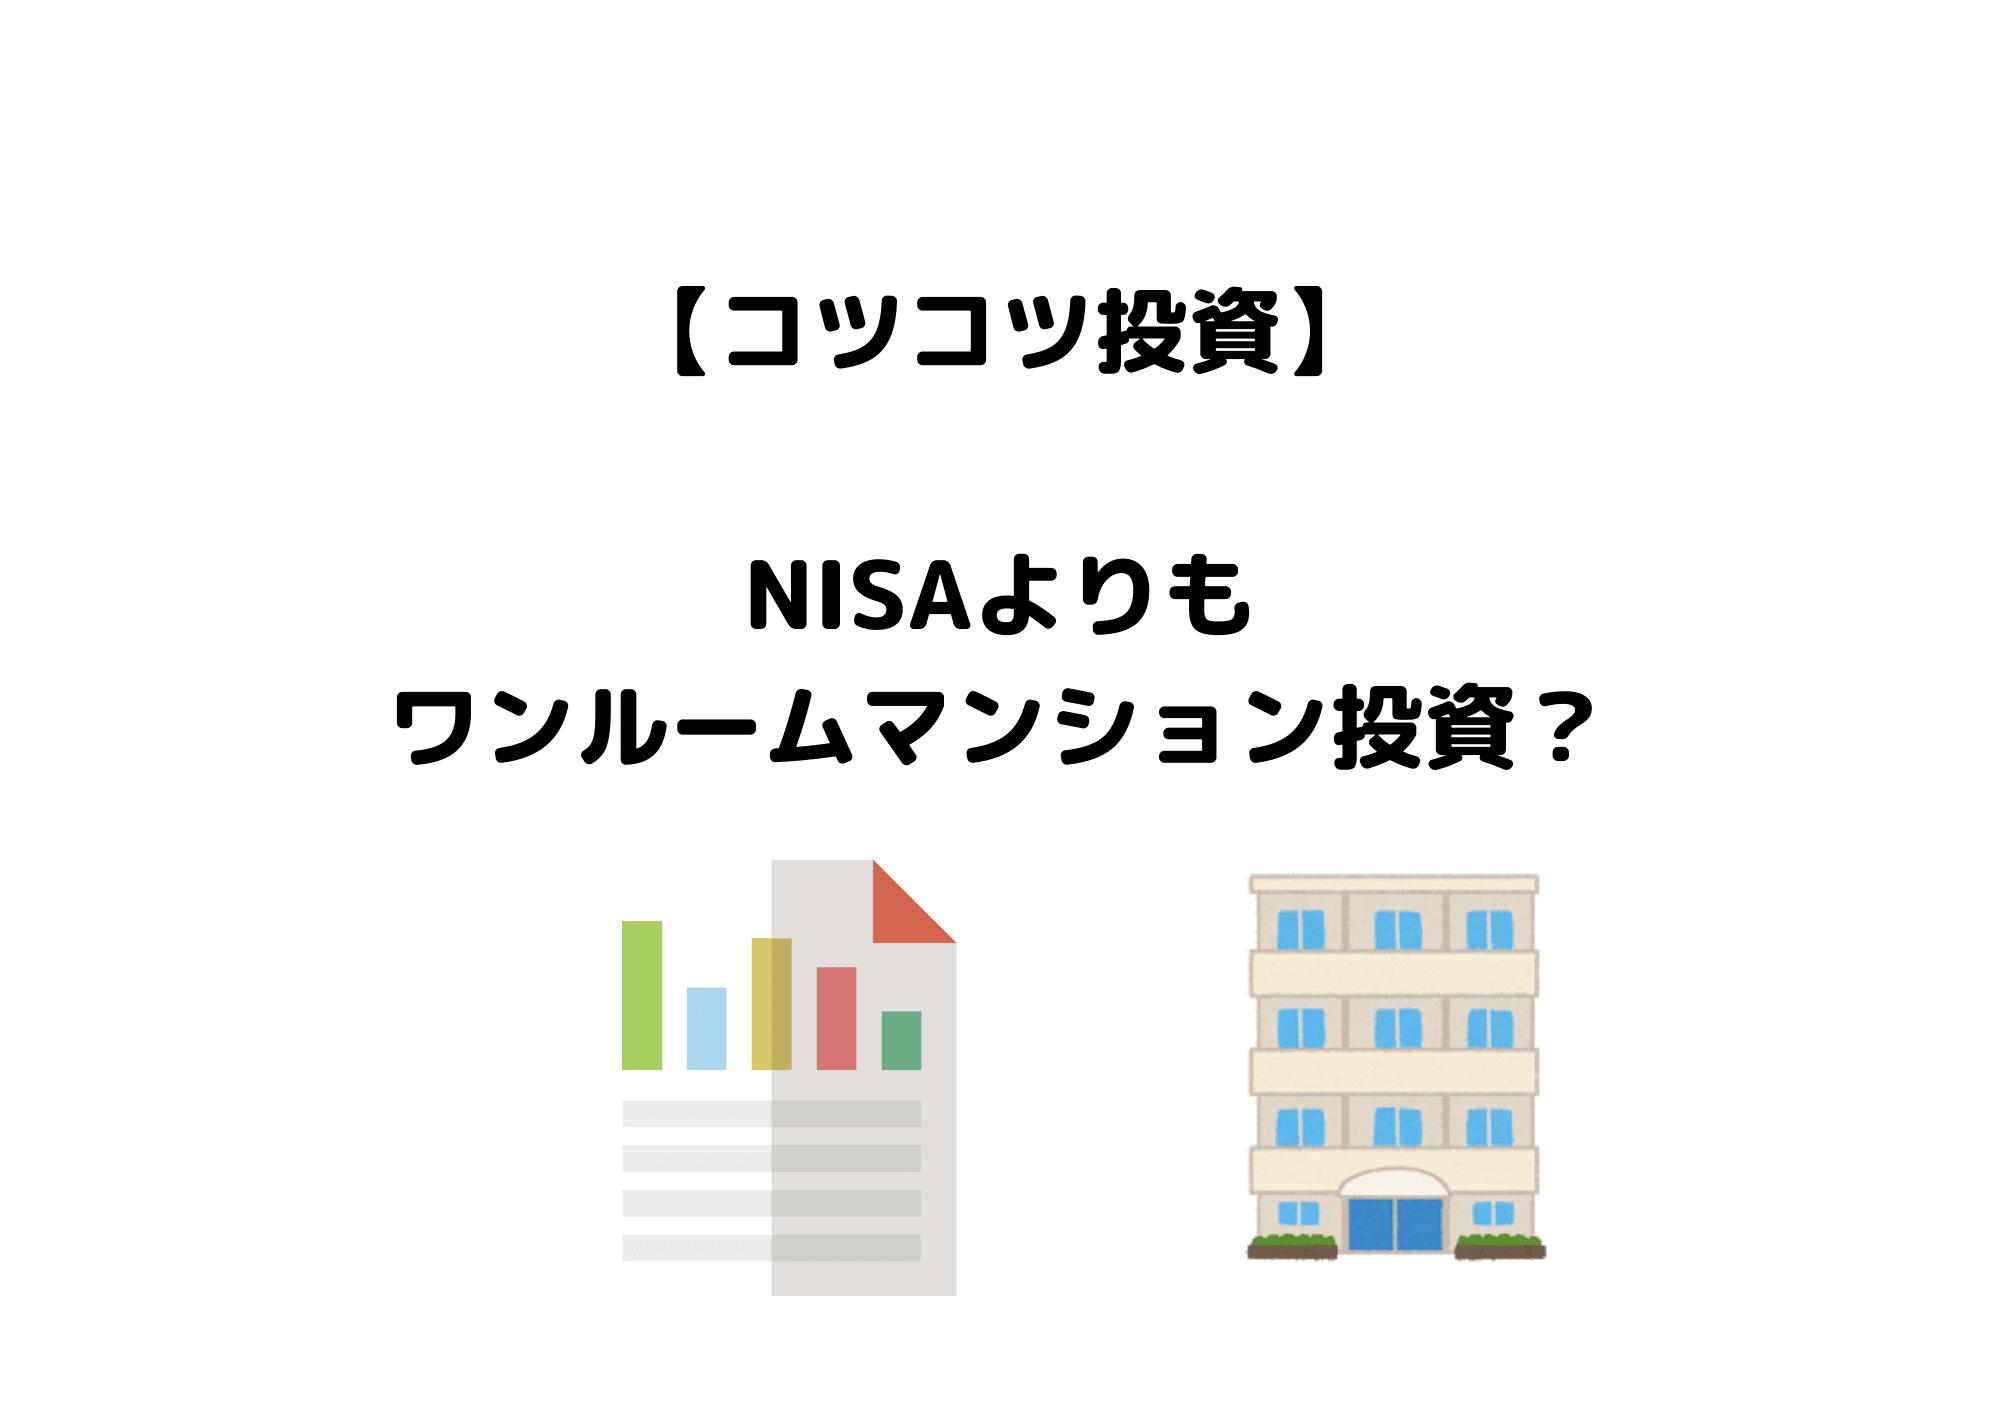 NISA ワンルームマンション投資